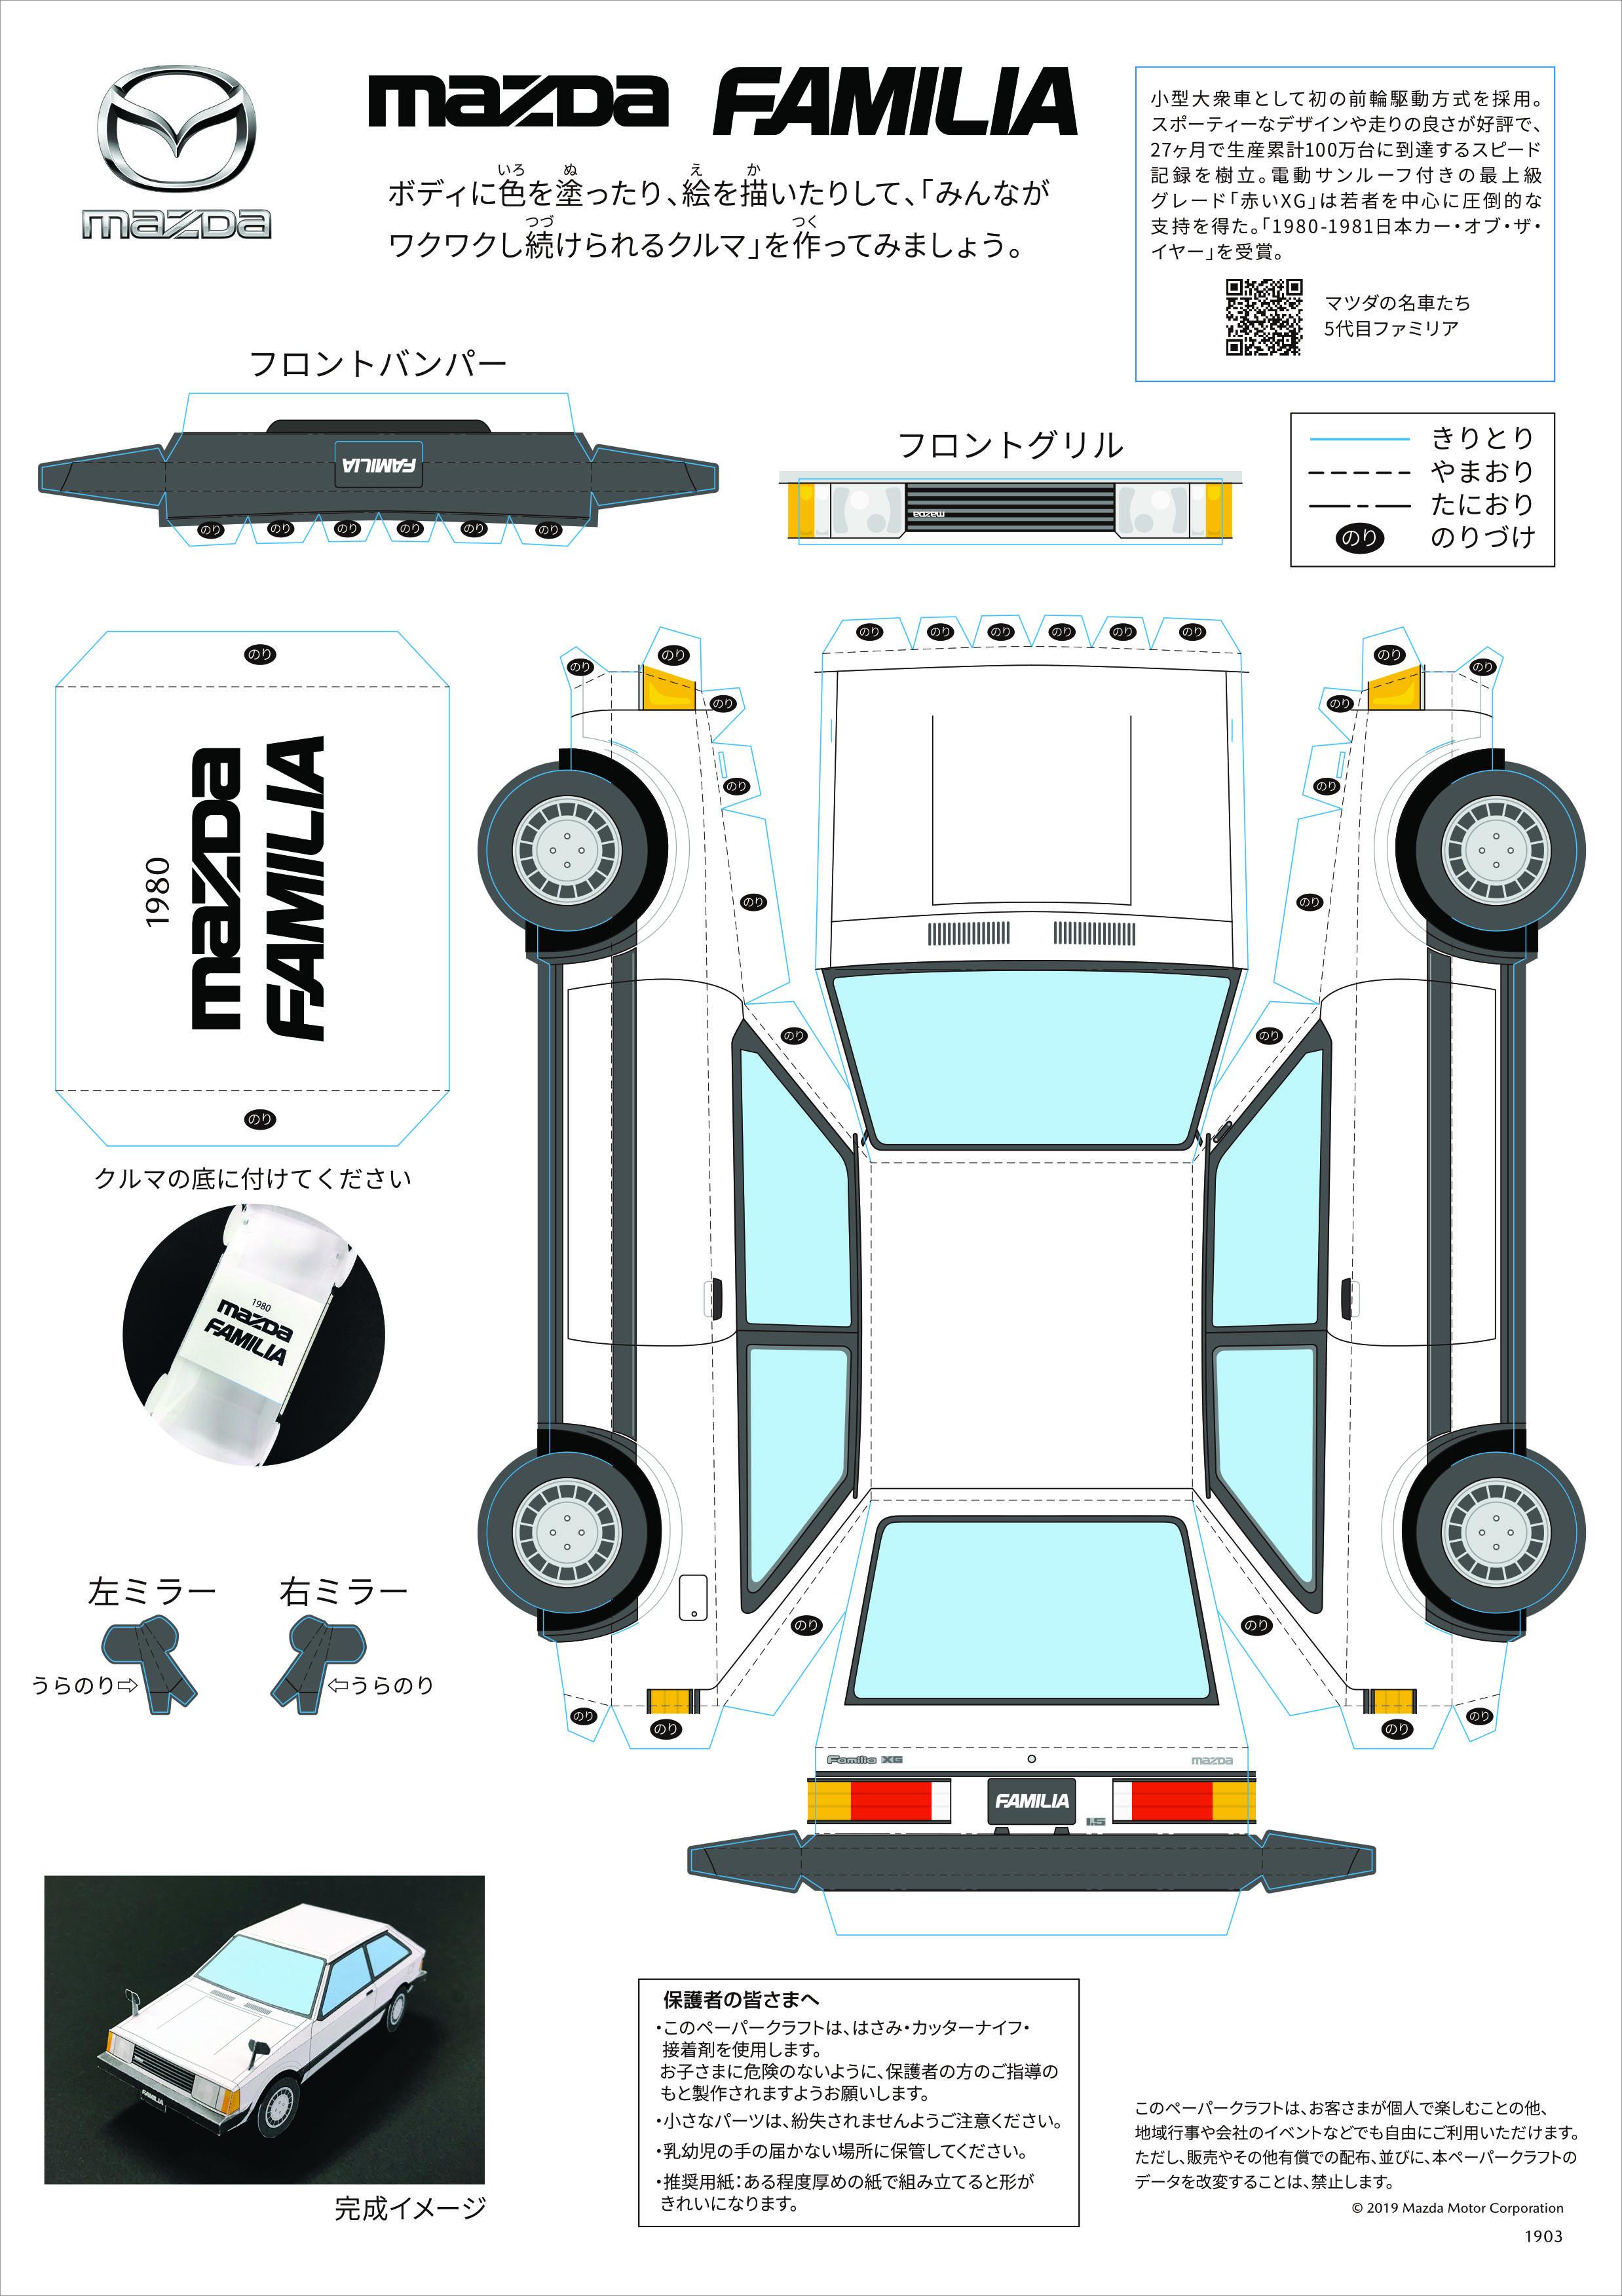 Papercraft Car Mazda Familia Car Papercraft